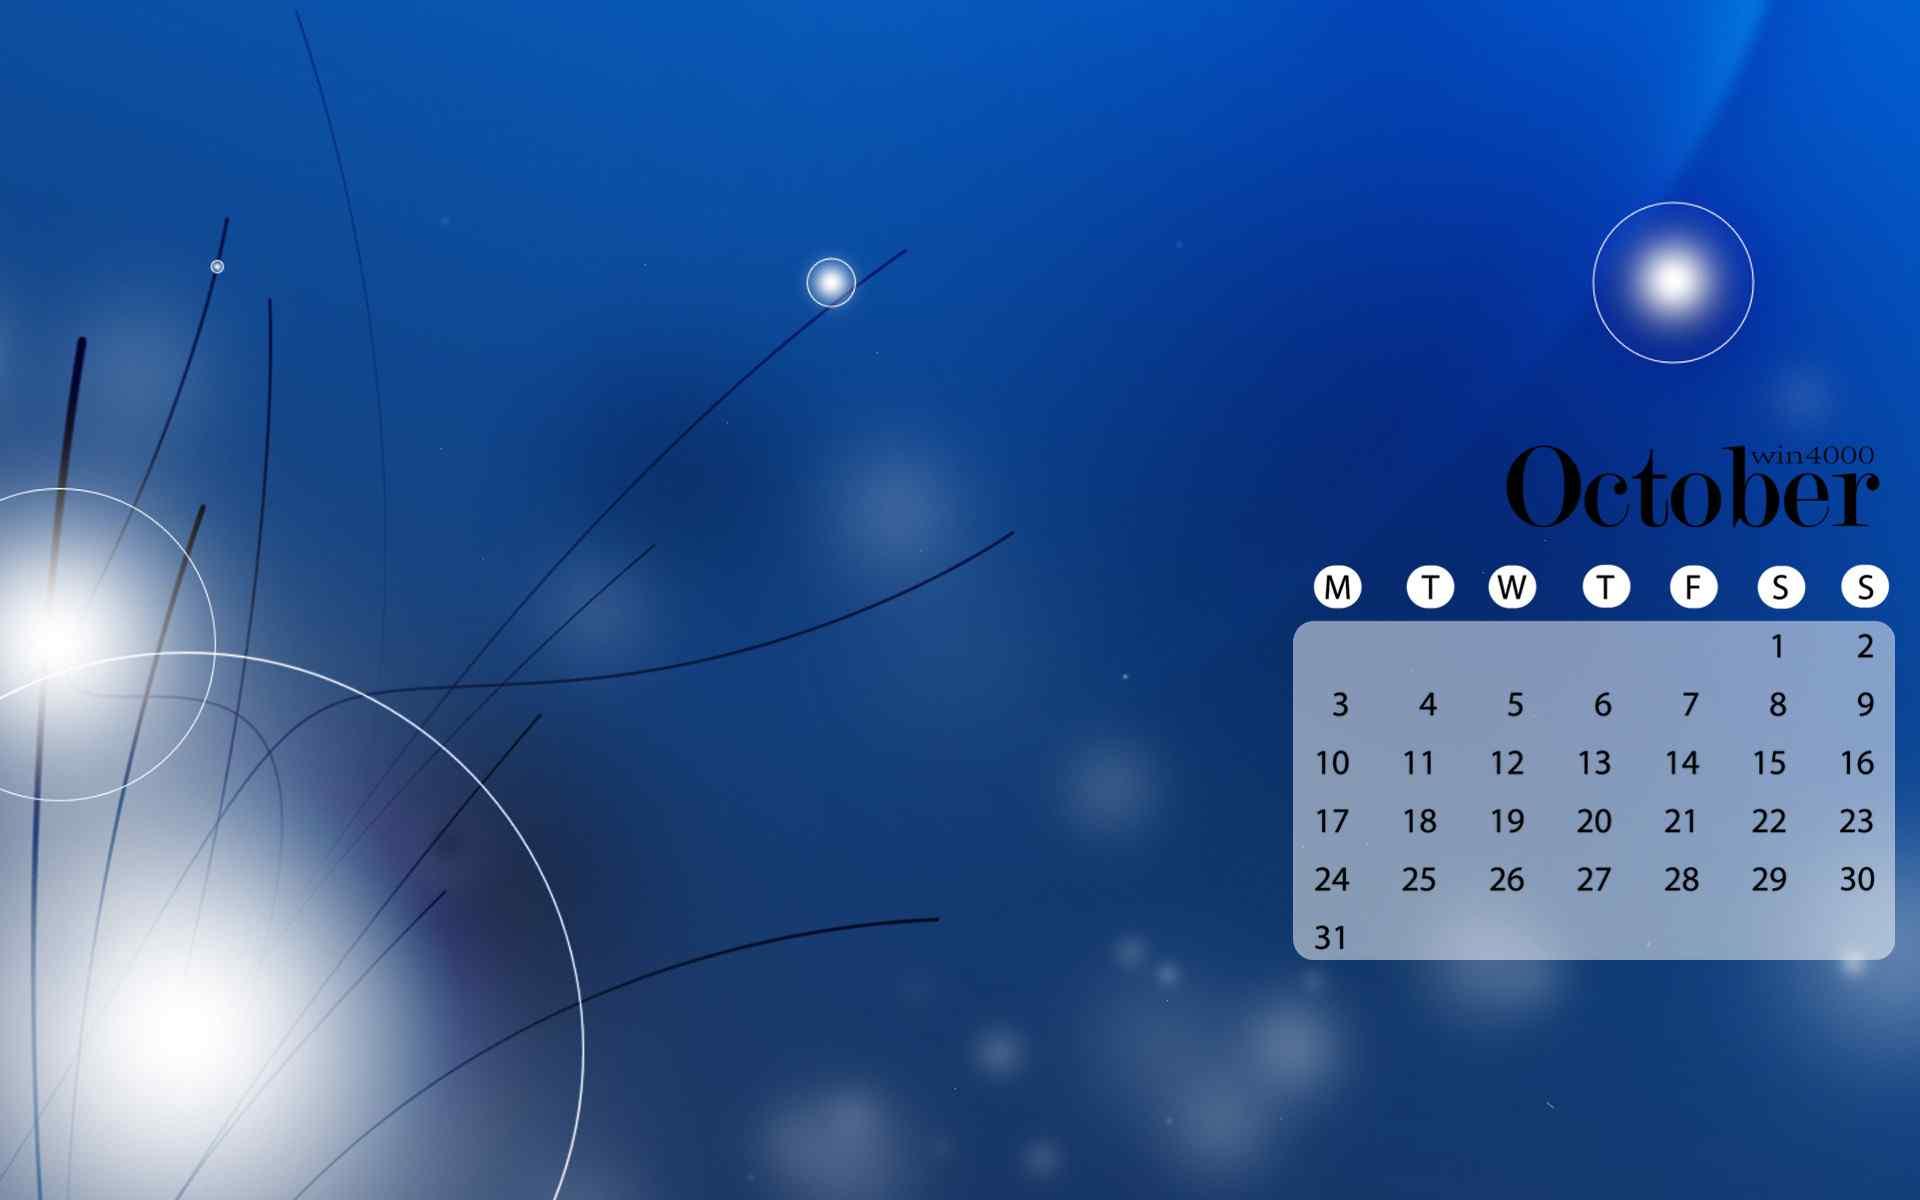 2016年10月日历创意炫彩背景艺术设计高清壁纸